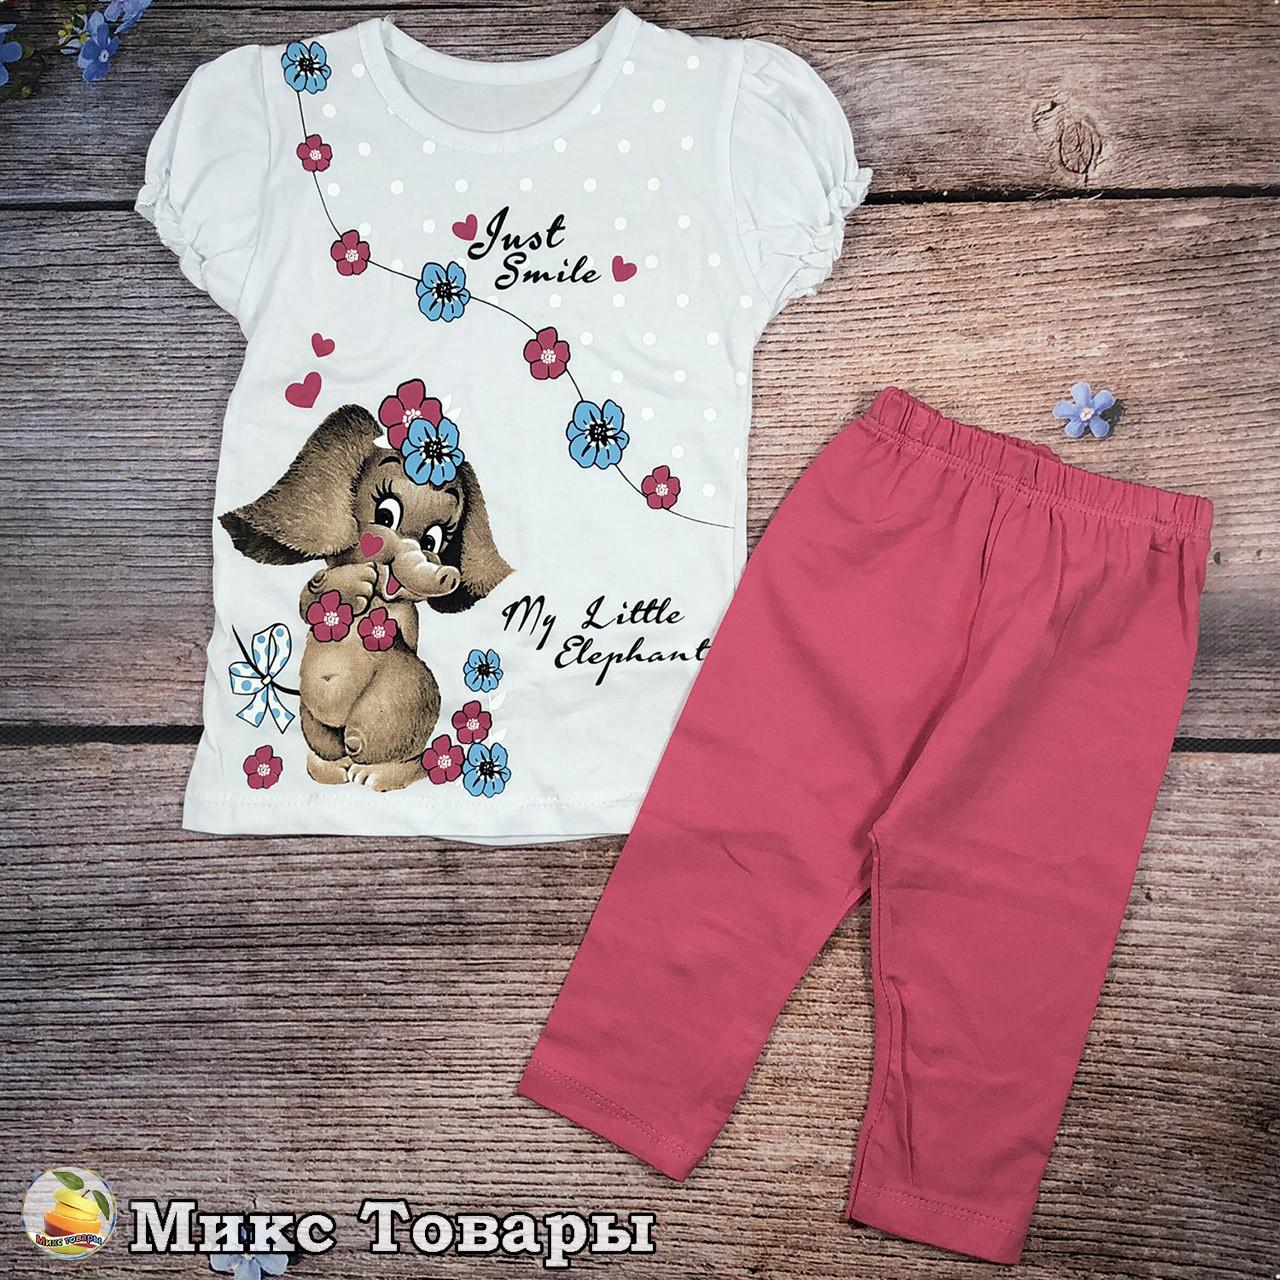 Светлая футболка и бриджи для девочки Размеры: 1,2,3,4 года (8619-3)